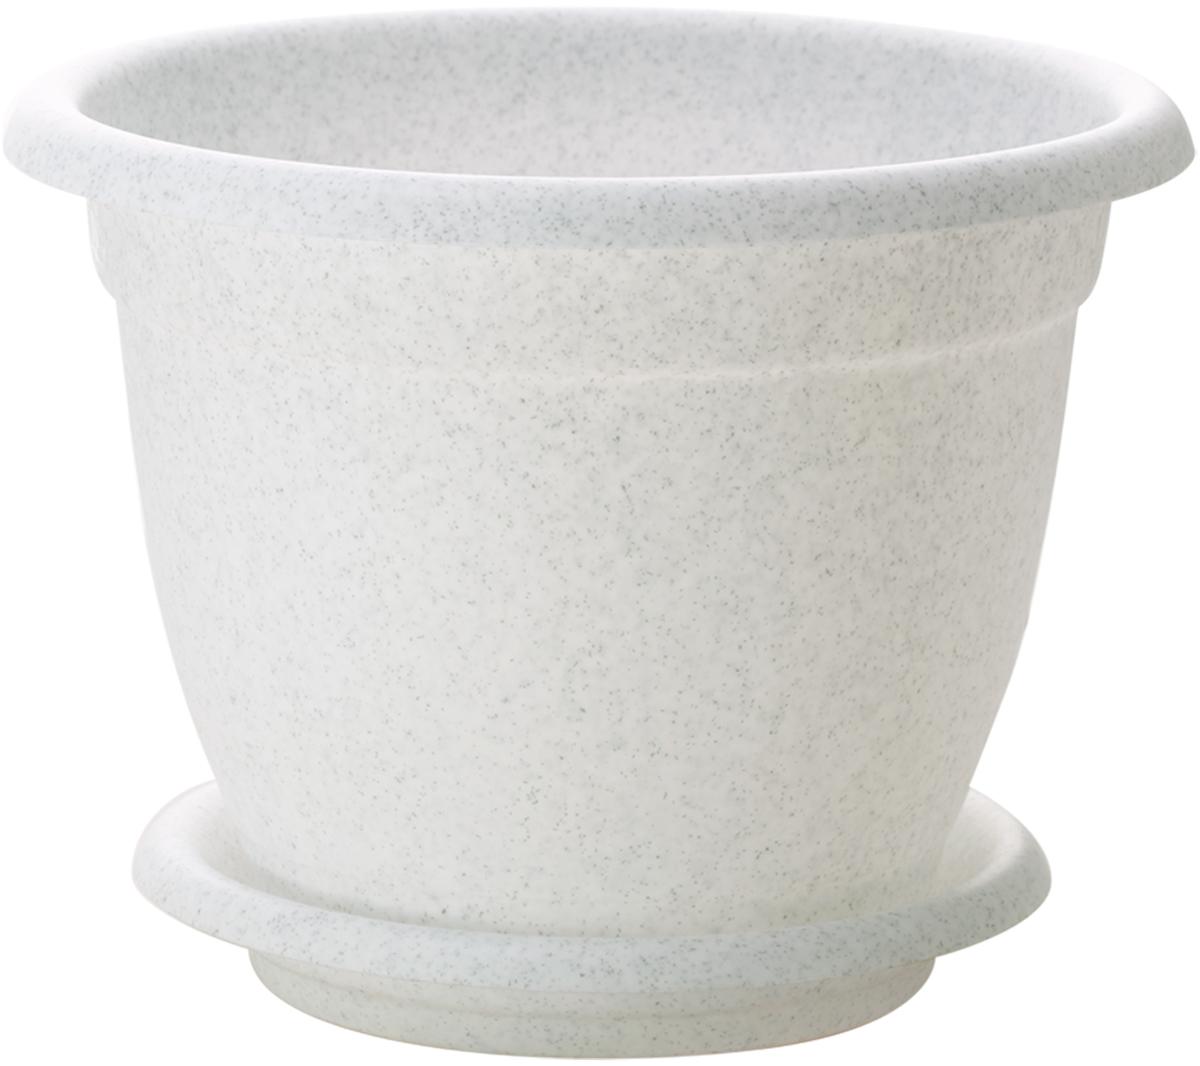 Горшок для цветов InGreen Борнео, с поддоном, цвет: мраморный, диаметр 34 смING42034FМРЦветочный горшок с поддоном InGreen Борнео, выполненный из высококачественного пластика, сочетает в себе классический дизайн и функциональность. Он станет прекрасным дополнением любого интерьера. Горшок имеет дренажные отверстия, что способствует выведению лишней влаги из почвы и предотвращает гниение корневой системы растения. Благодаря специальной крепежной системе поддон прочно крепится к горшку, что обеспечивает удобство эксплуатации изделия. Между стенкой горшка и поддоном есть зазор, который позволяет испаряться лишней влаге и дает возможность прикорневого полива растения. Горшок InGreen Борнео предназначен для выращивания многолетних и однолетних растений.